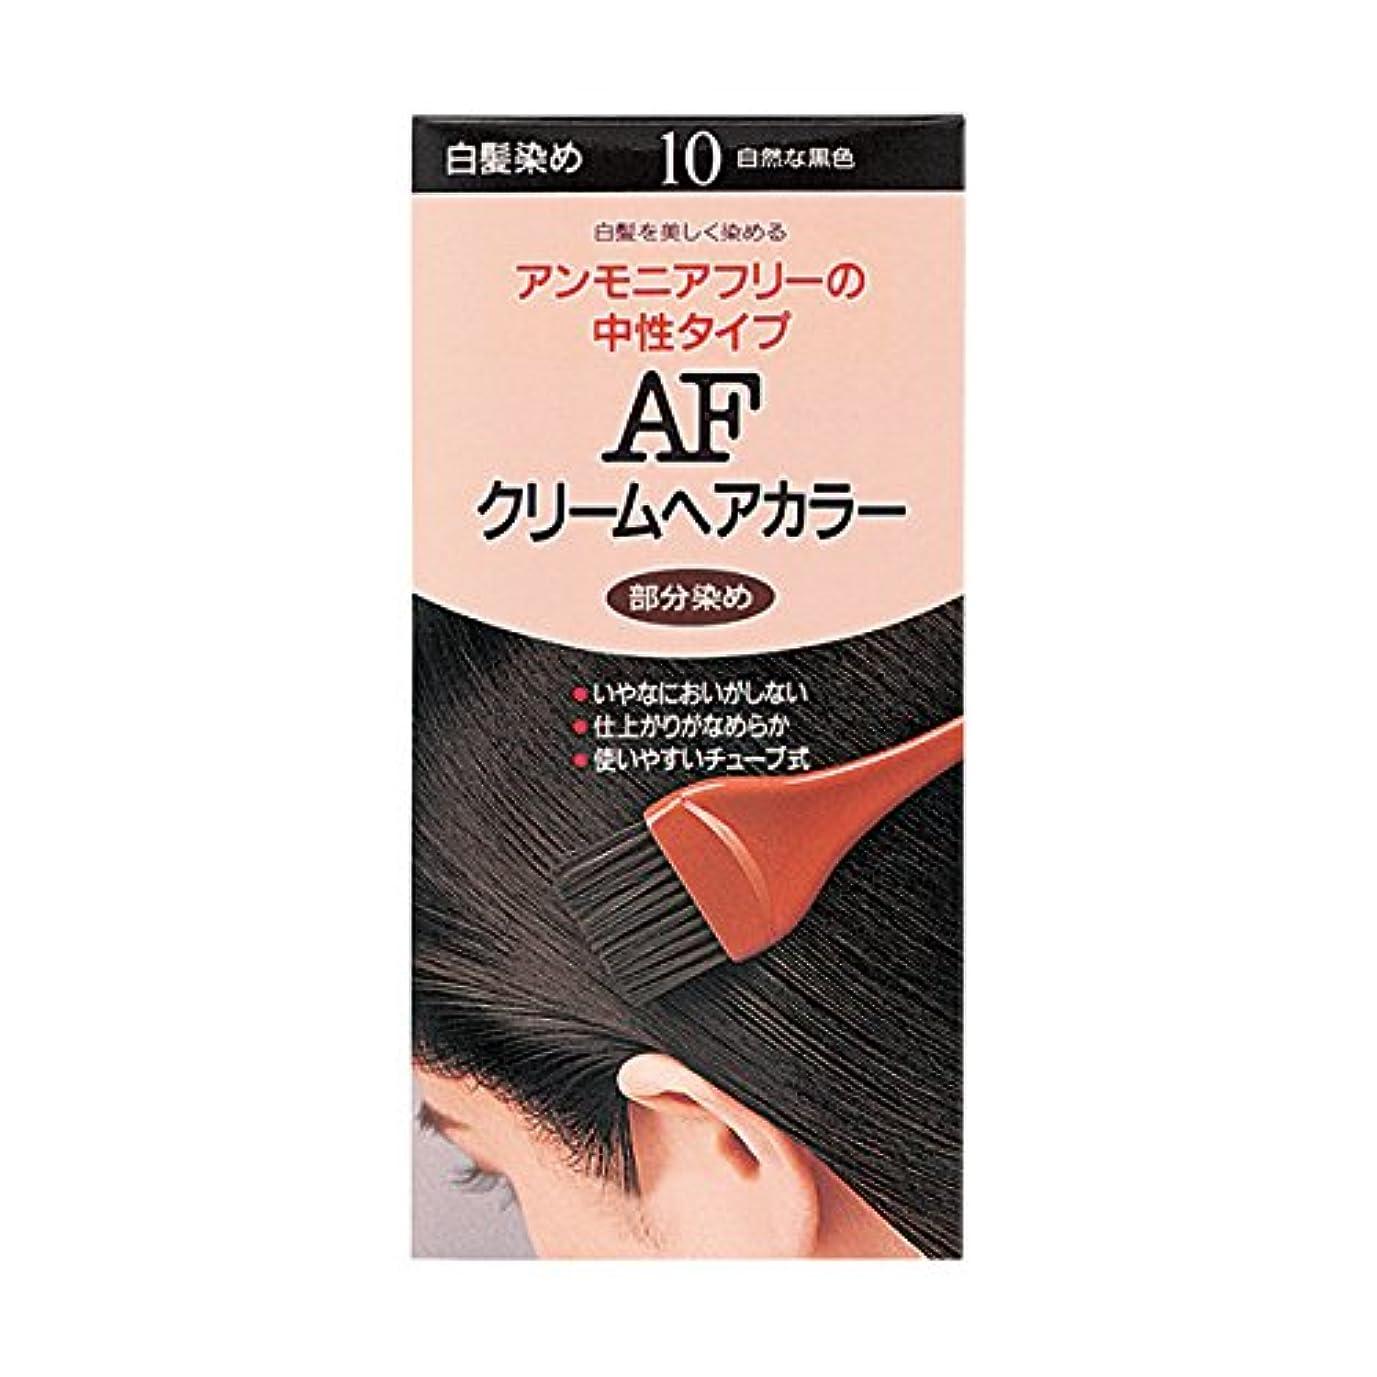 失速いらいらするパリティヘアカラー AFクリームヘアカラー 10 【医薬部外品】